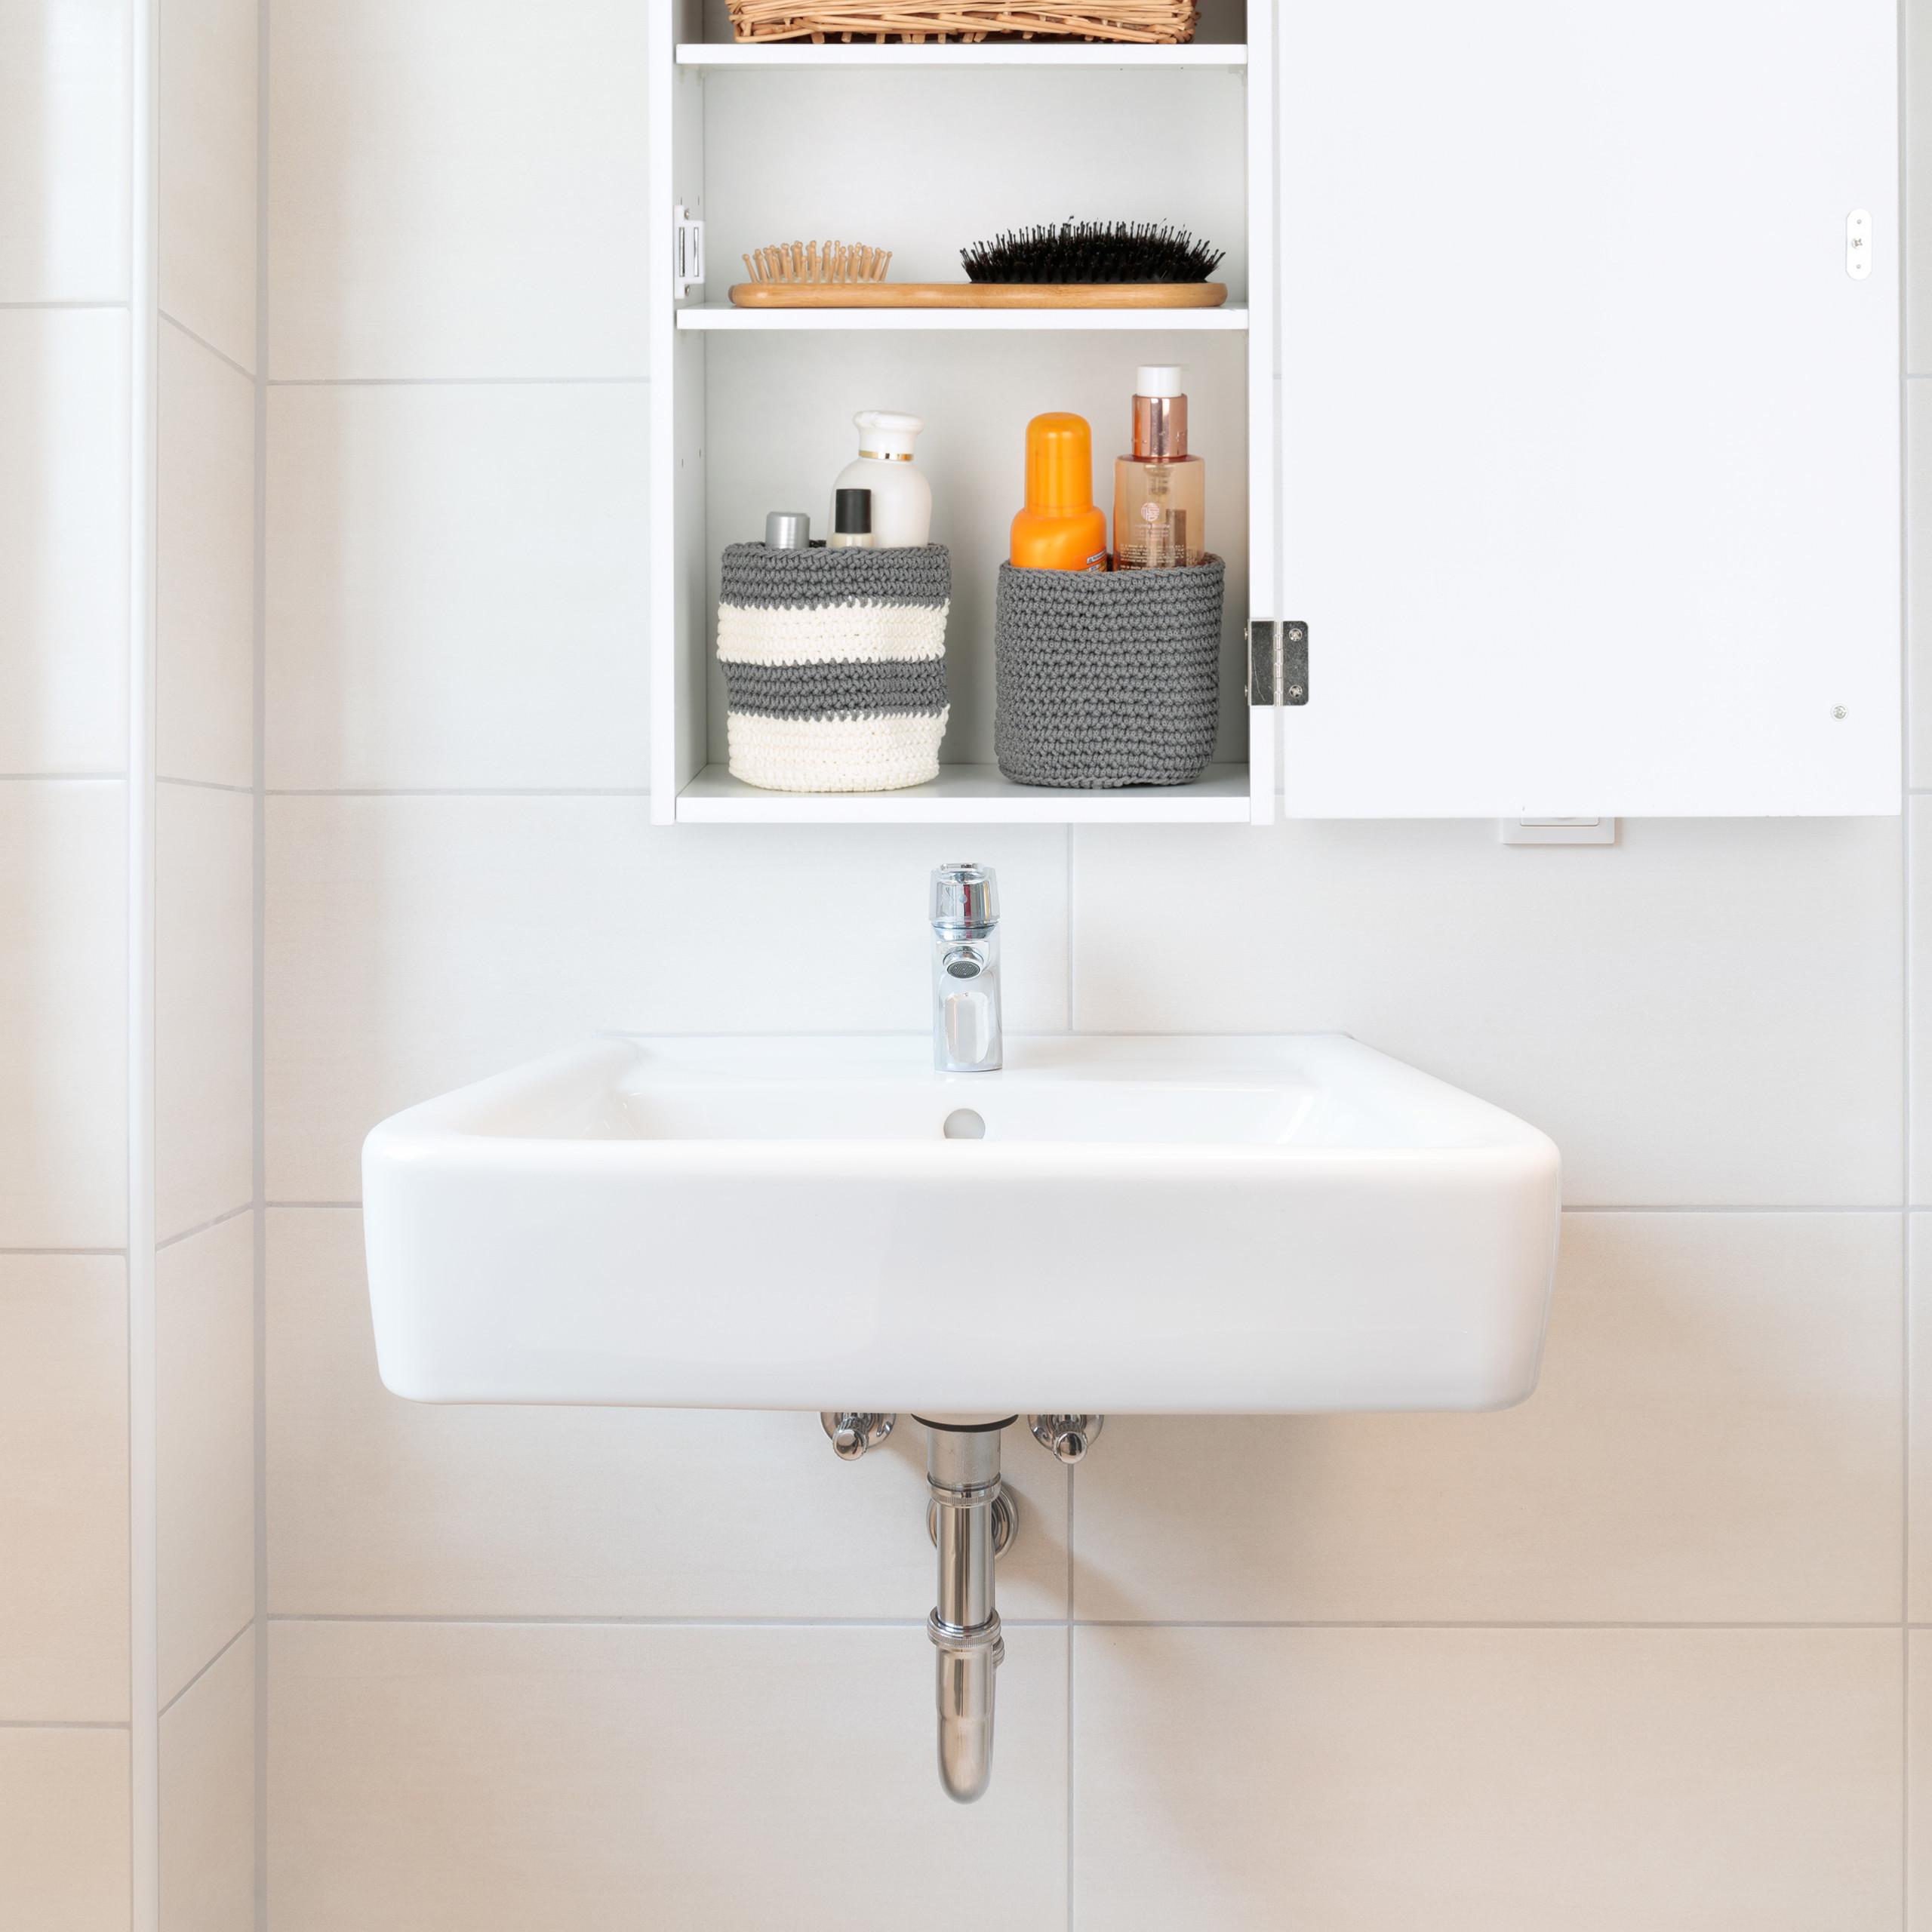 Badezimmerschrank Hängend Holzhängeschrank WC Hängeschrank